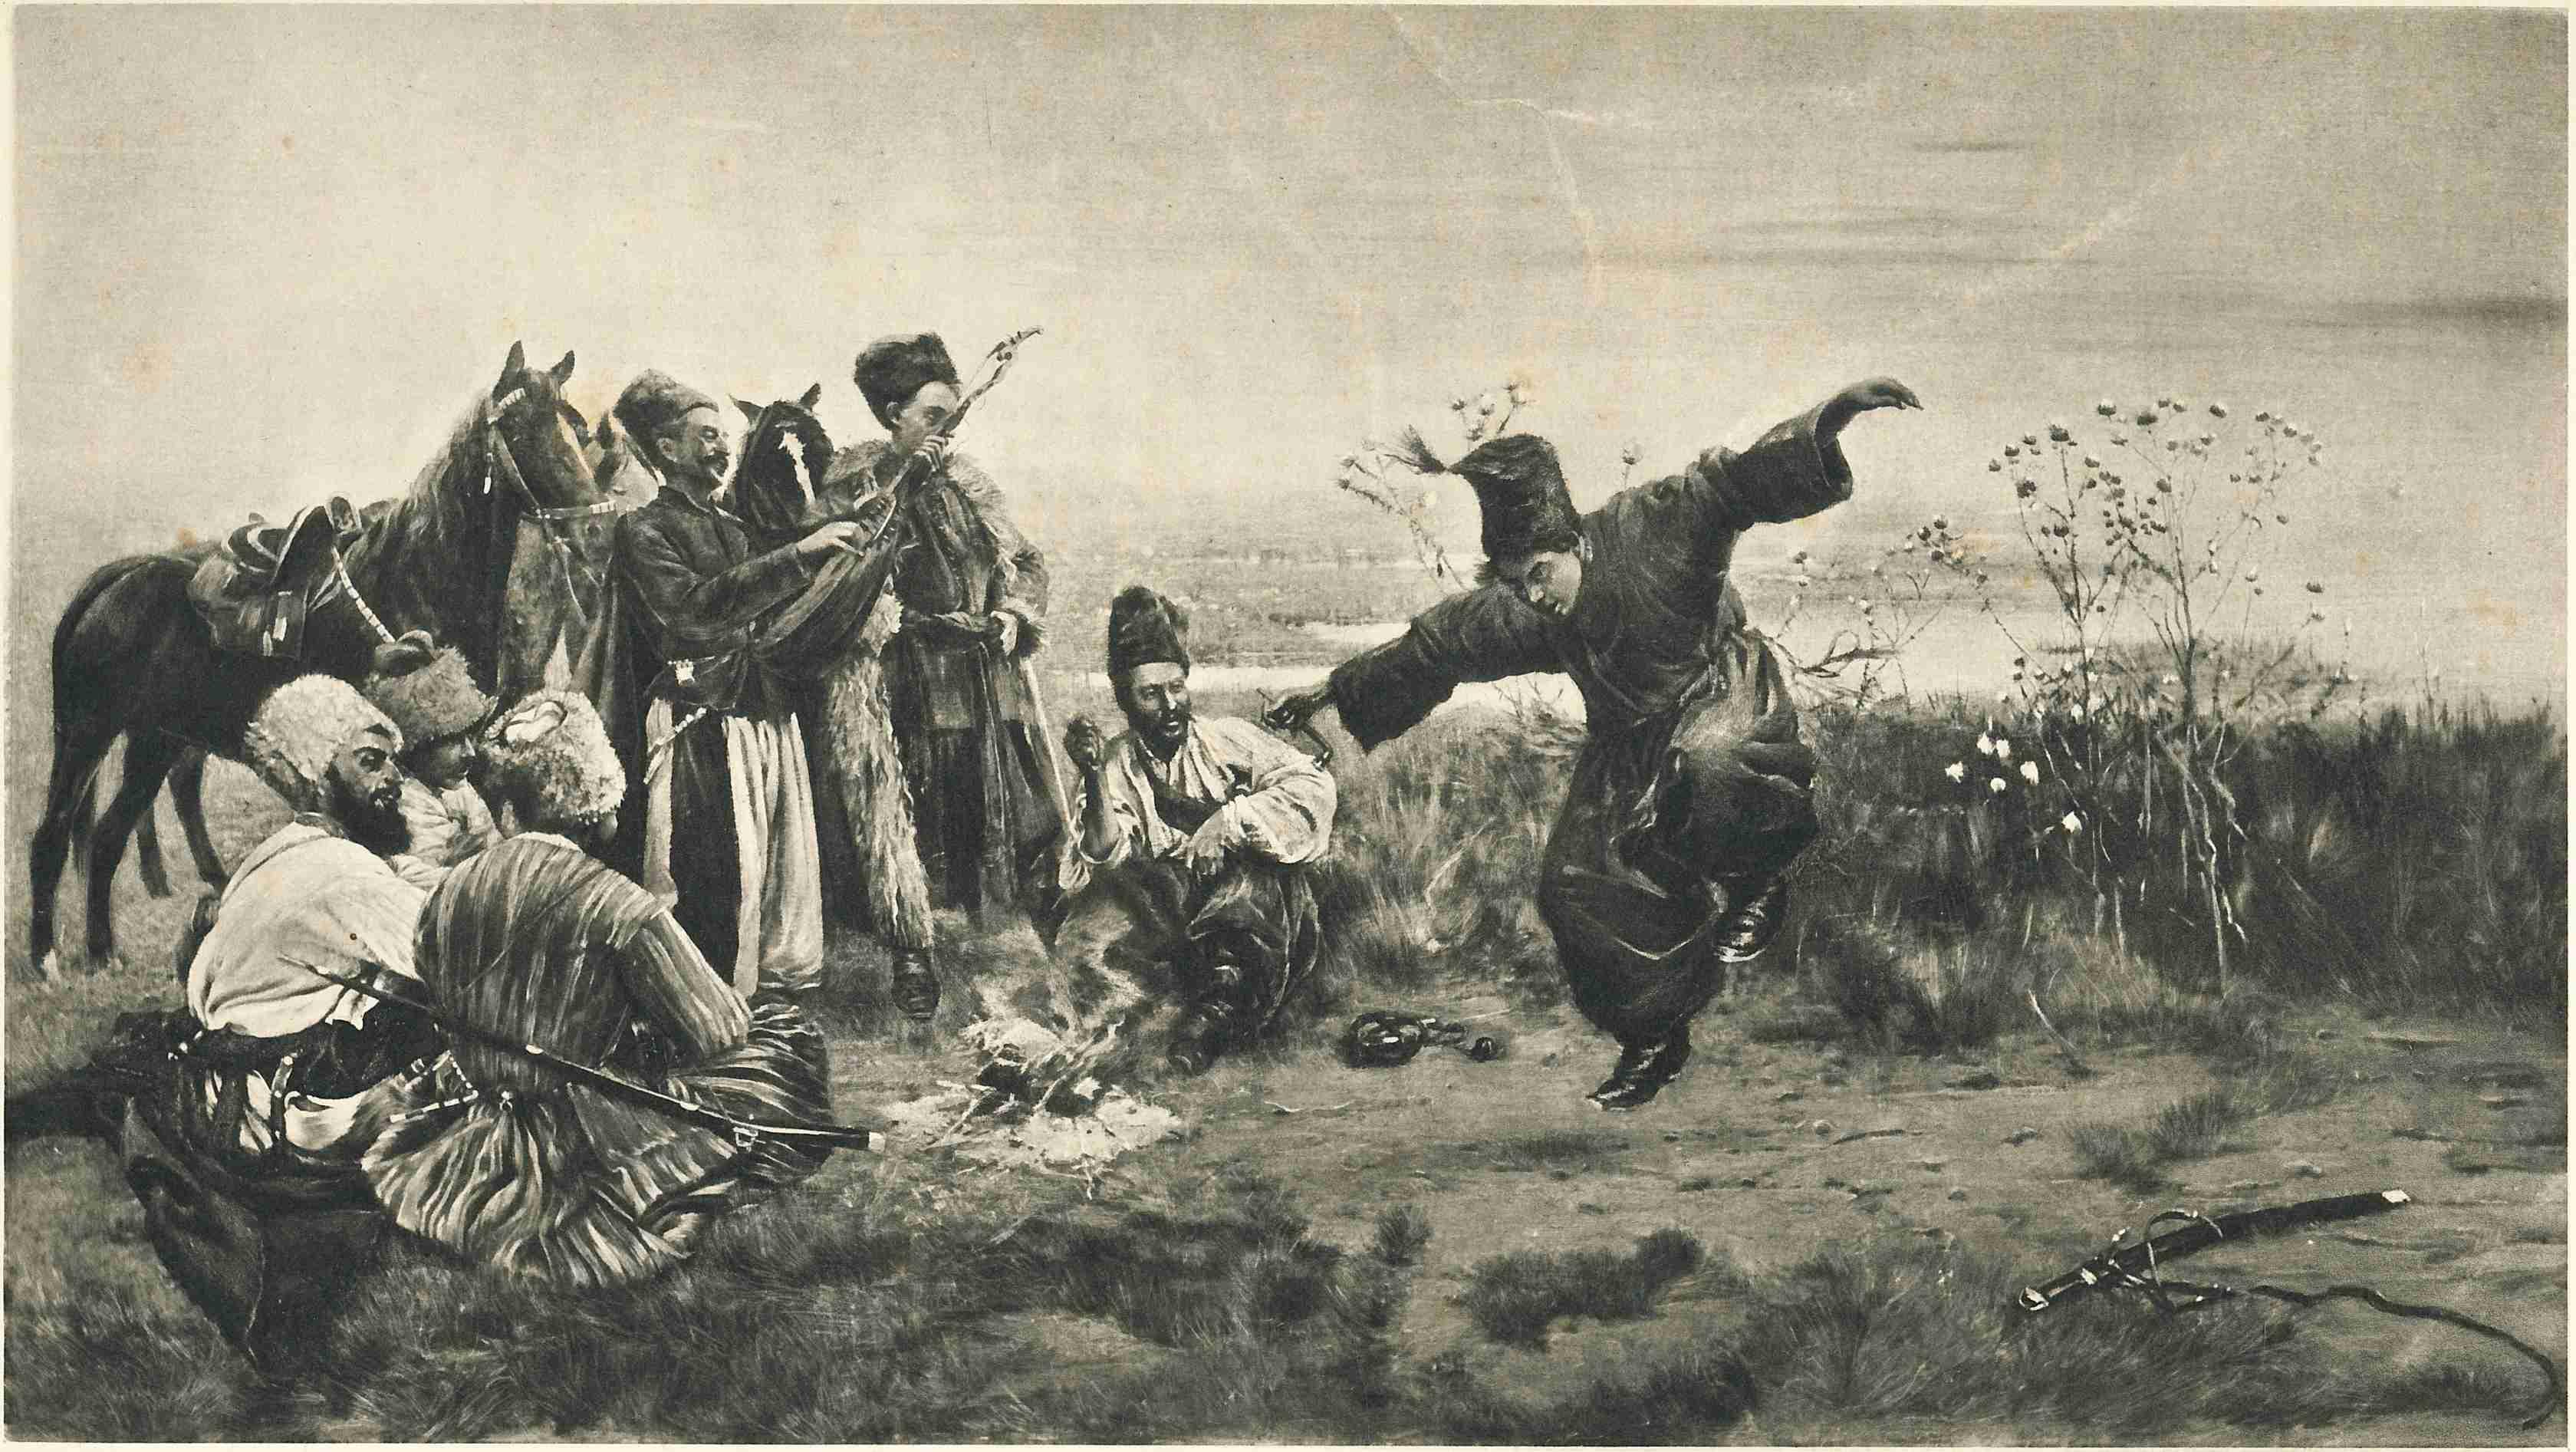 Stanislaw_Maslowski_(1853-1926),_Cossack